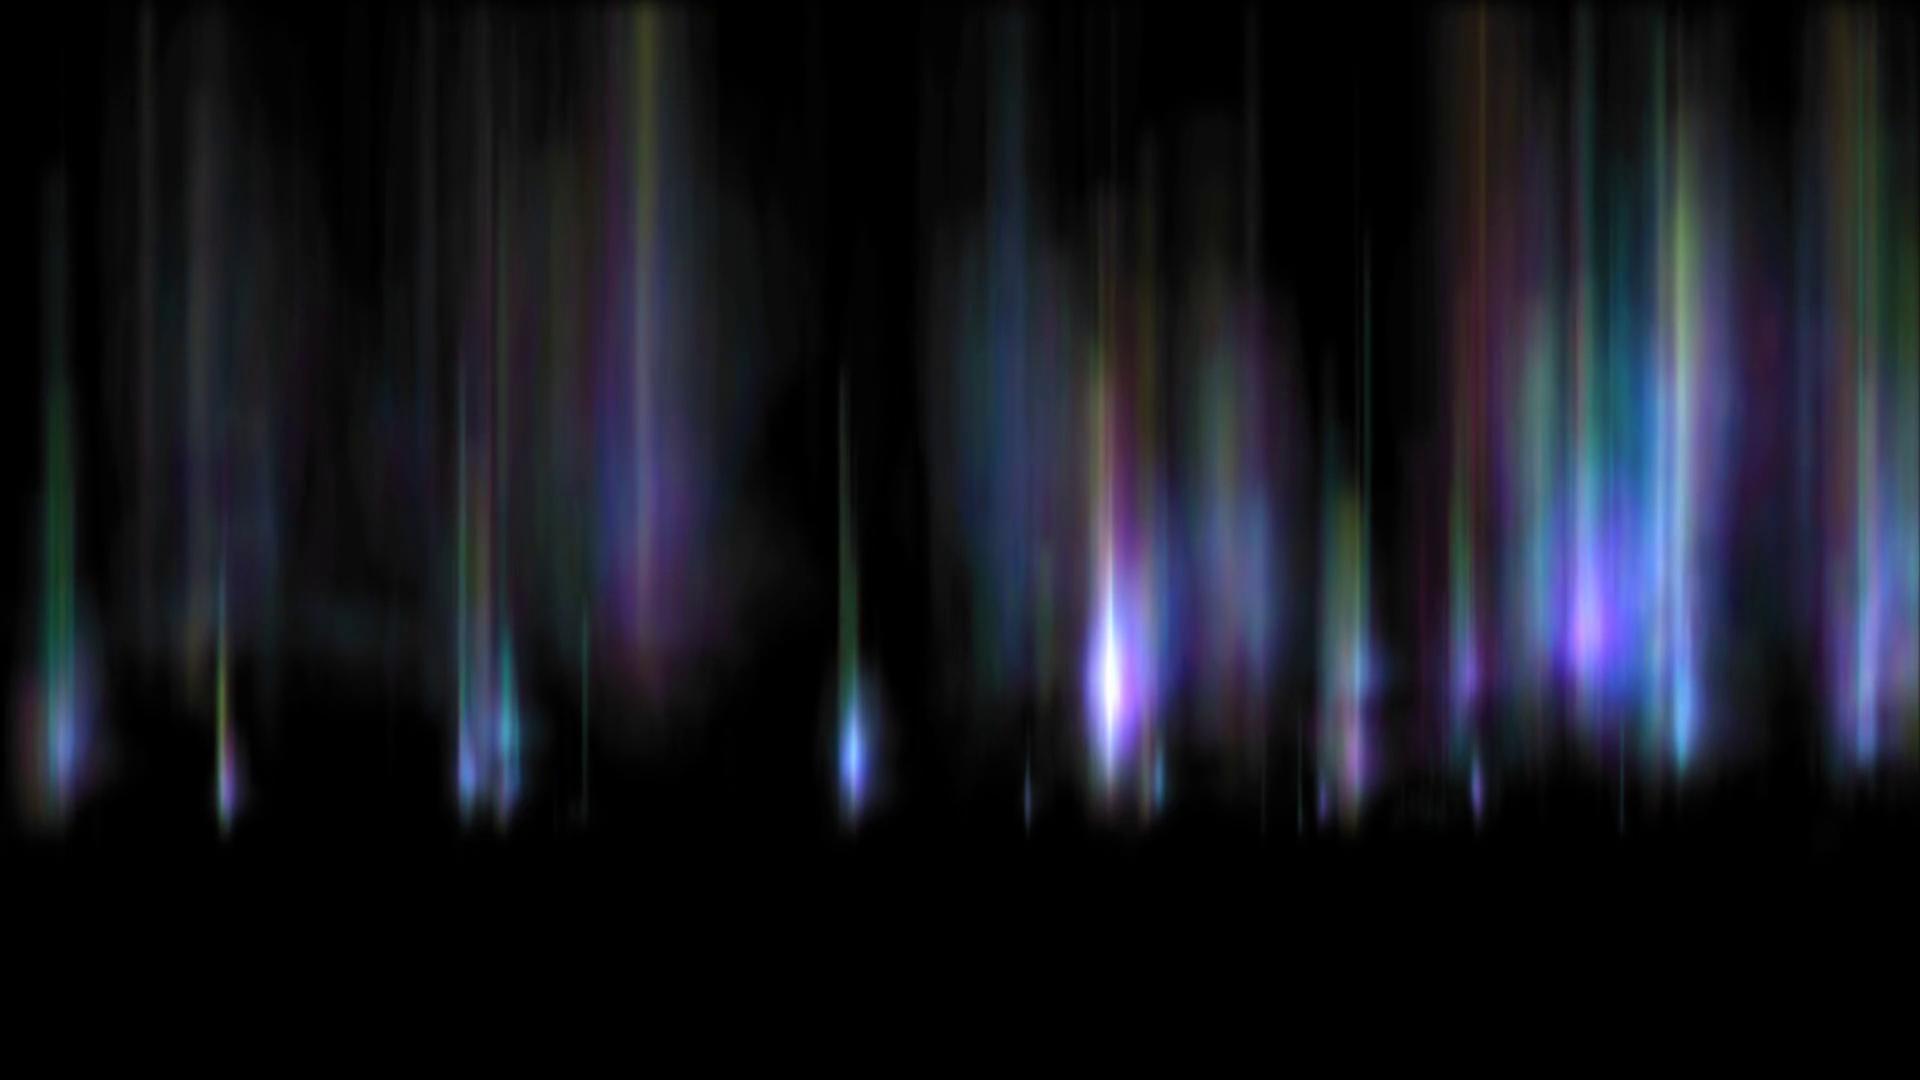 Northern Lights on Transparent Background.